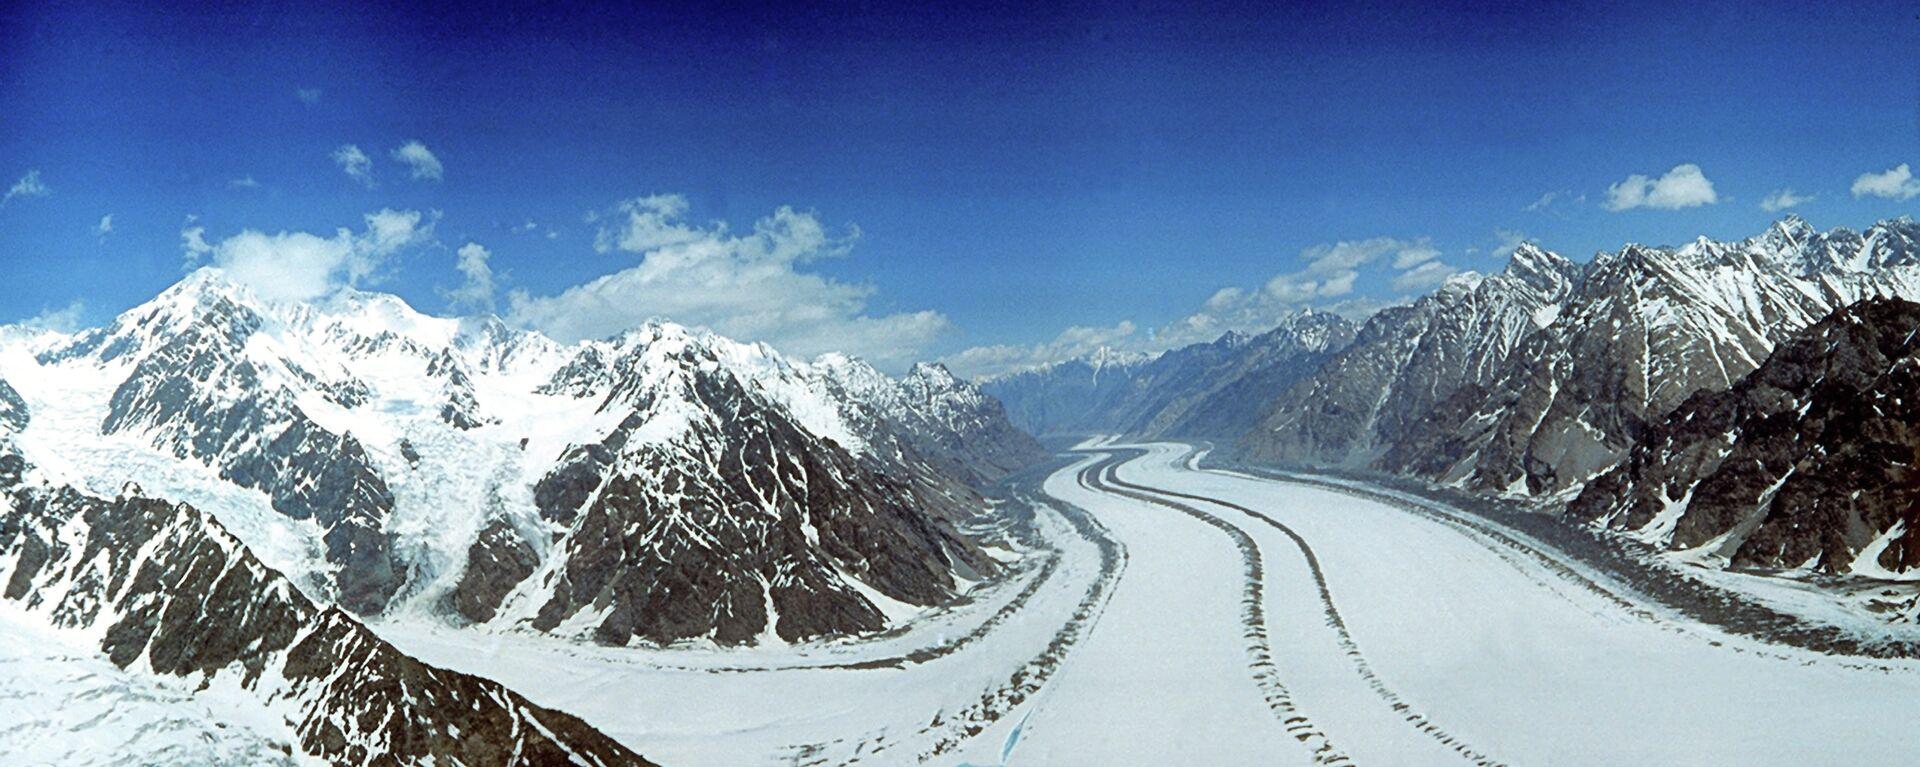 Ледники Памира. Архивное фото - Sputnik Таджикистан, 1920, 13.07.2021